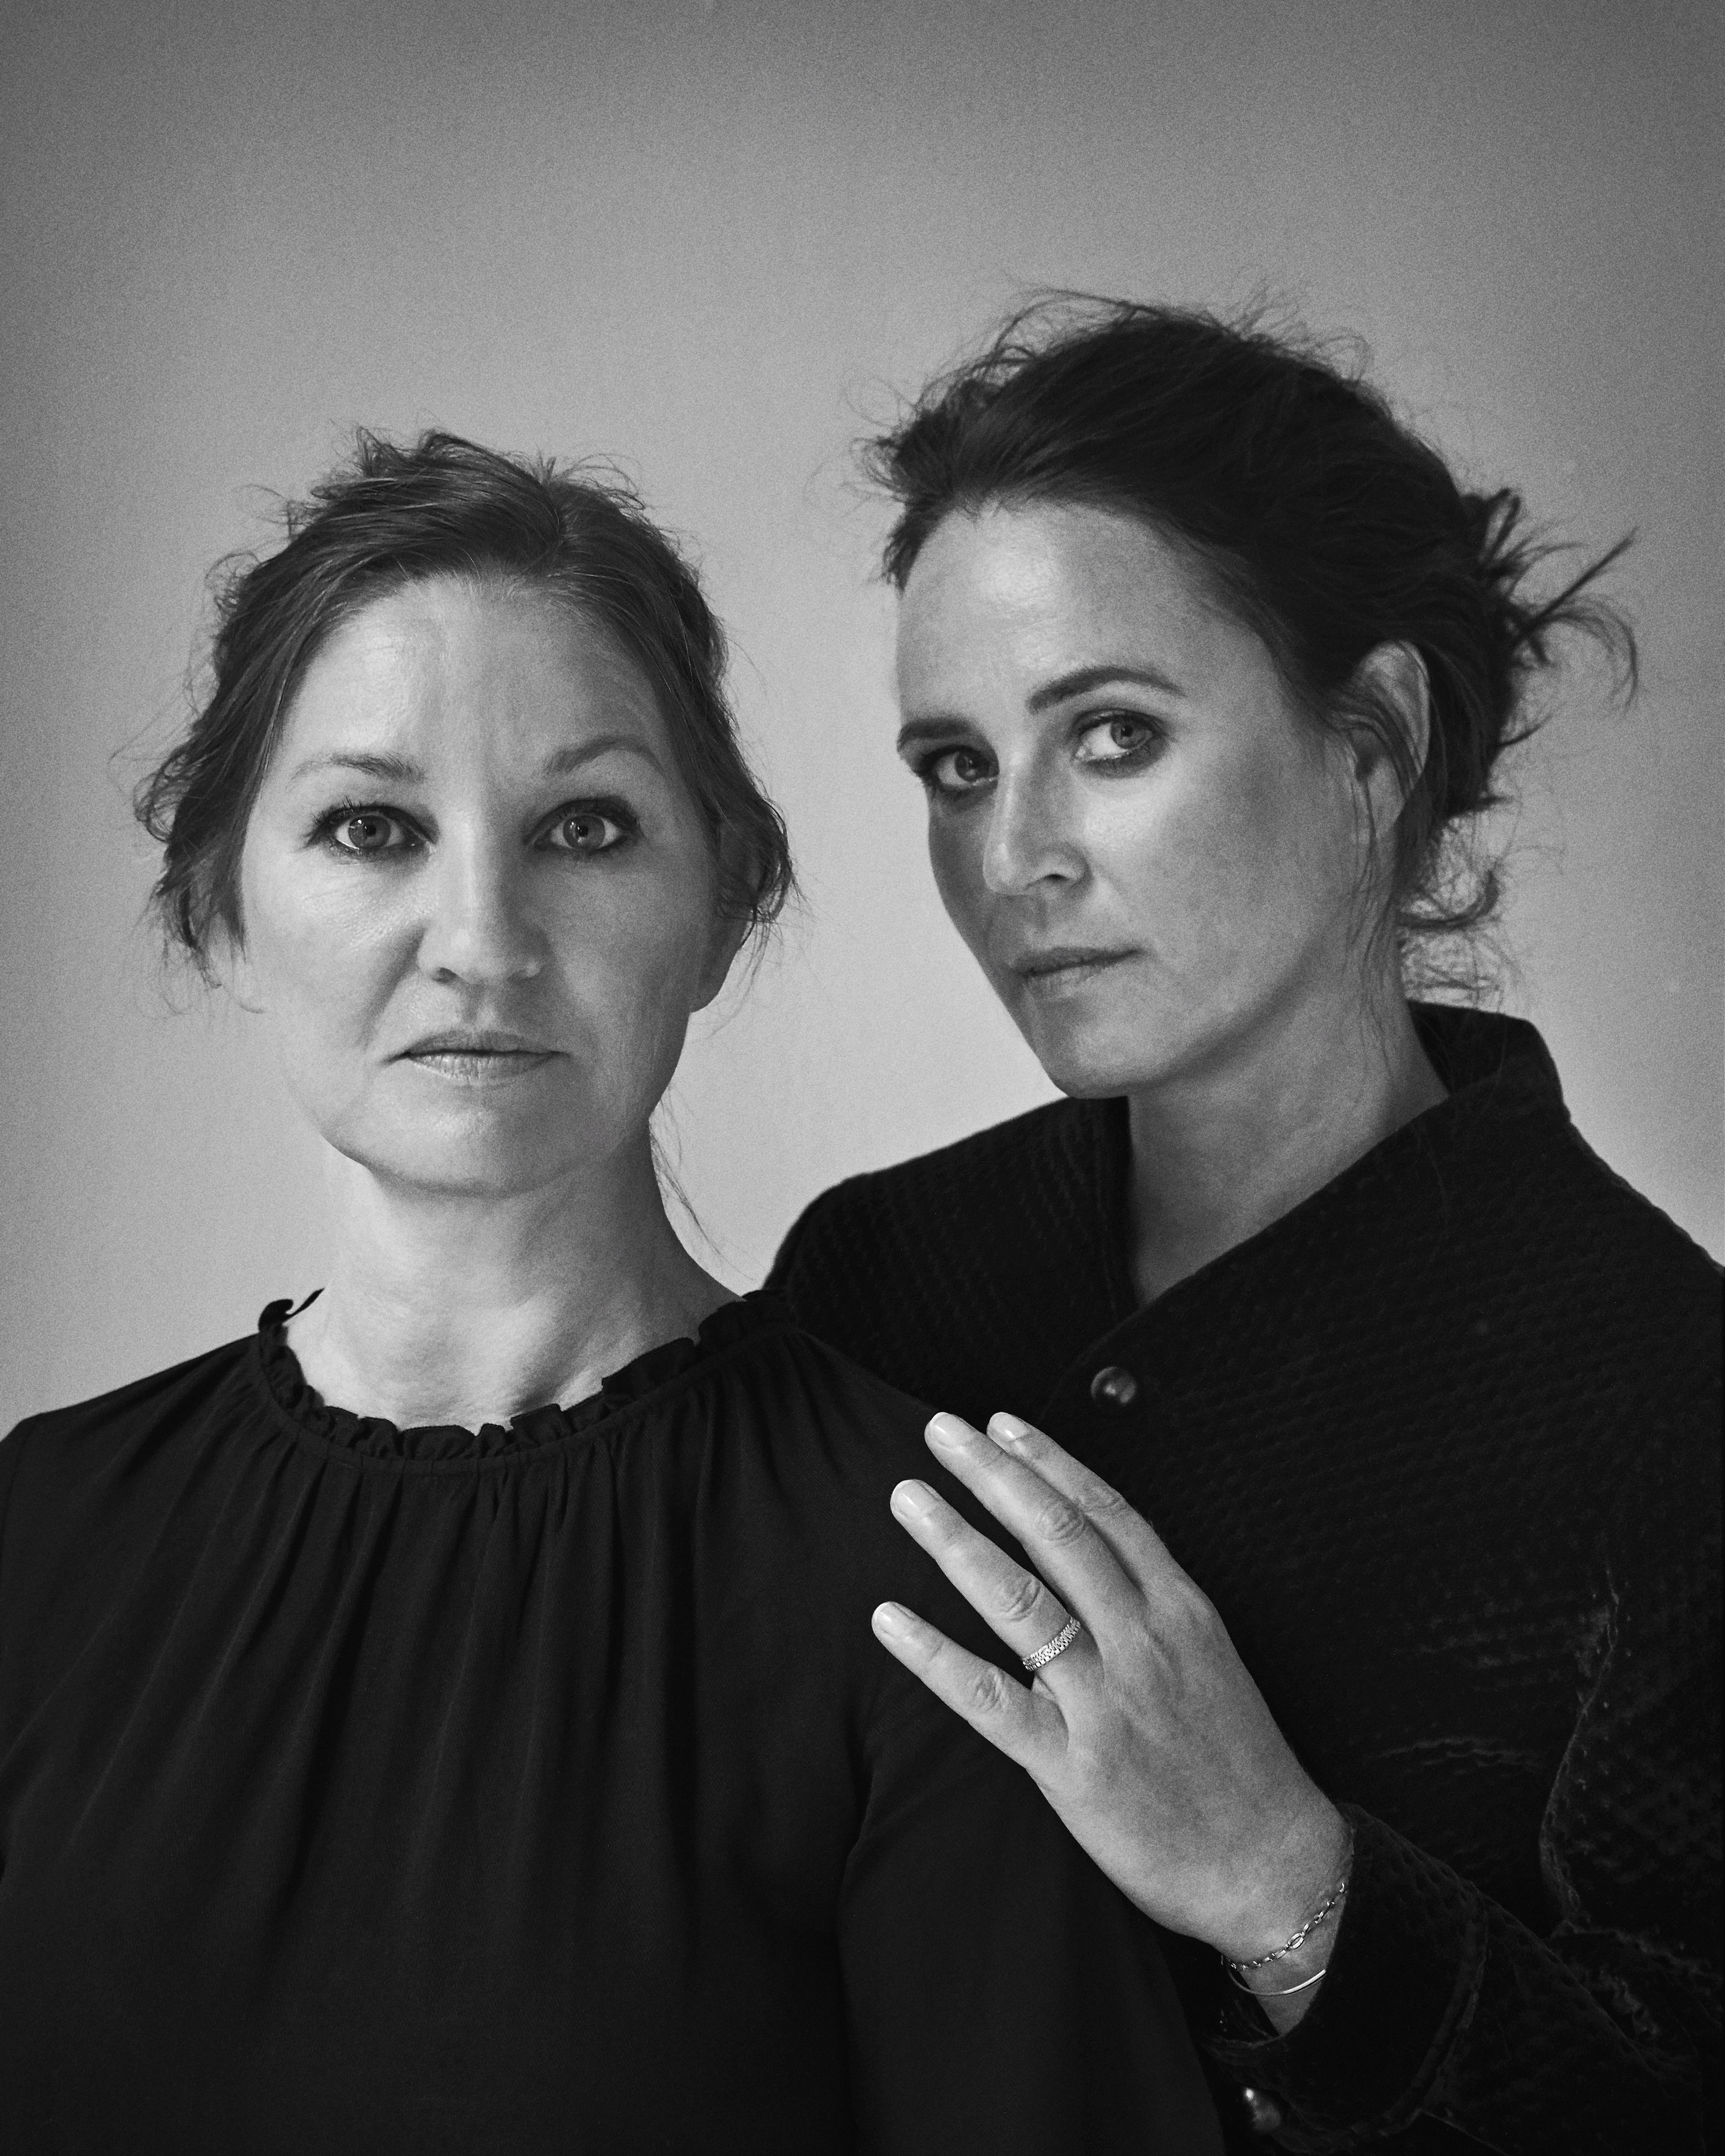 Aidt og Moestrup, 2016, Fotograf Mikkel Tjellesen.